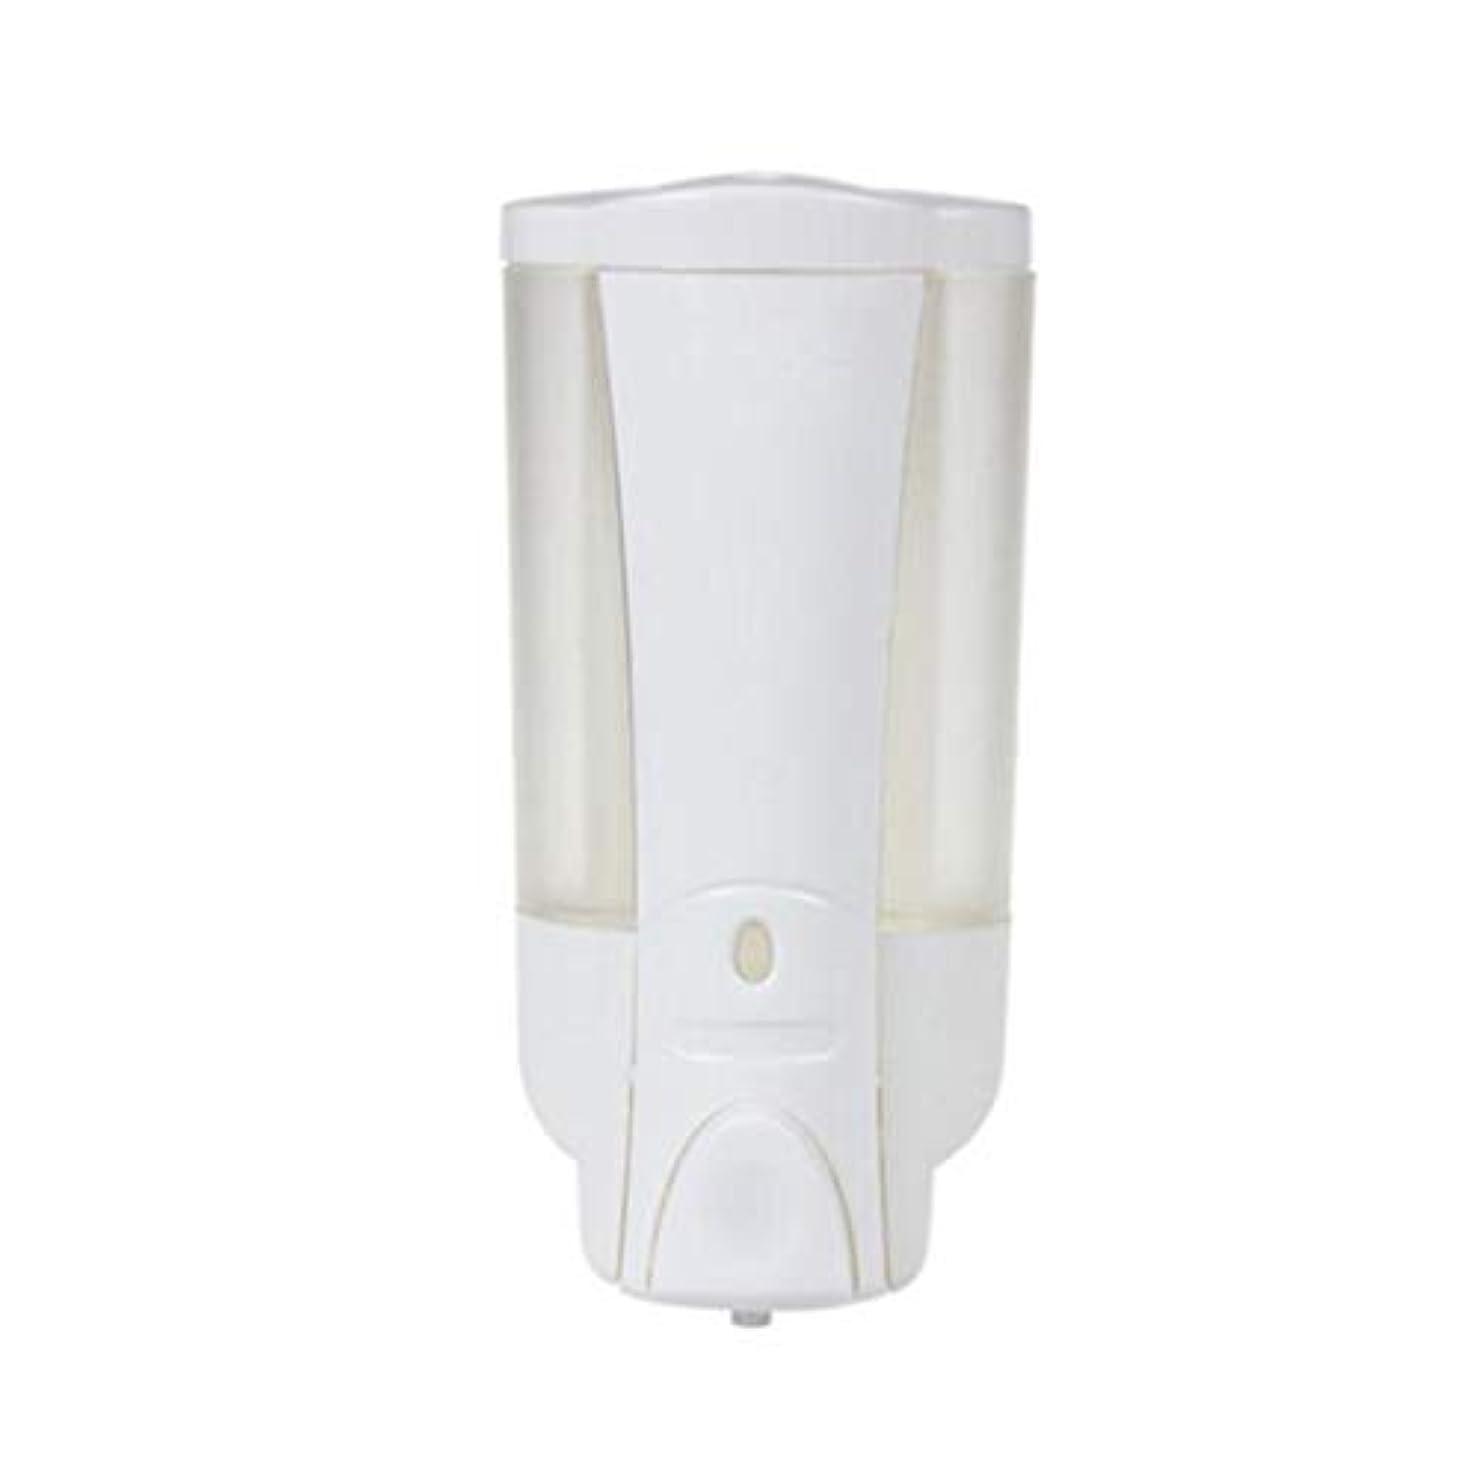 回転するお金発行するKylinssh 泡立つ石鹸ディスペンサー450ml容量、石鹸、DIY液体石鹸、皿石鹸、ボディウォッシュなどに使用するための空のプラスチック液体石鹸ポンプボトル